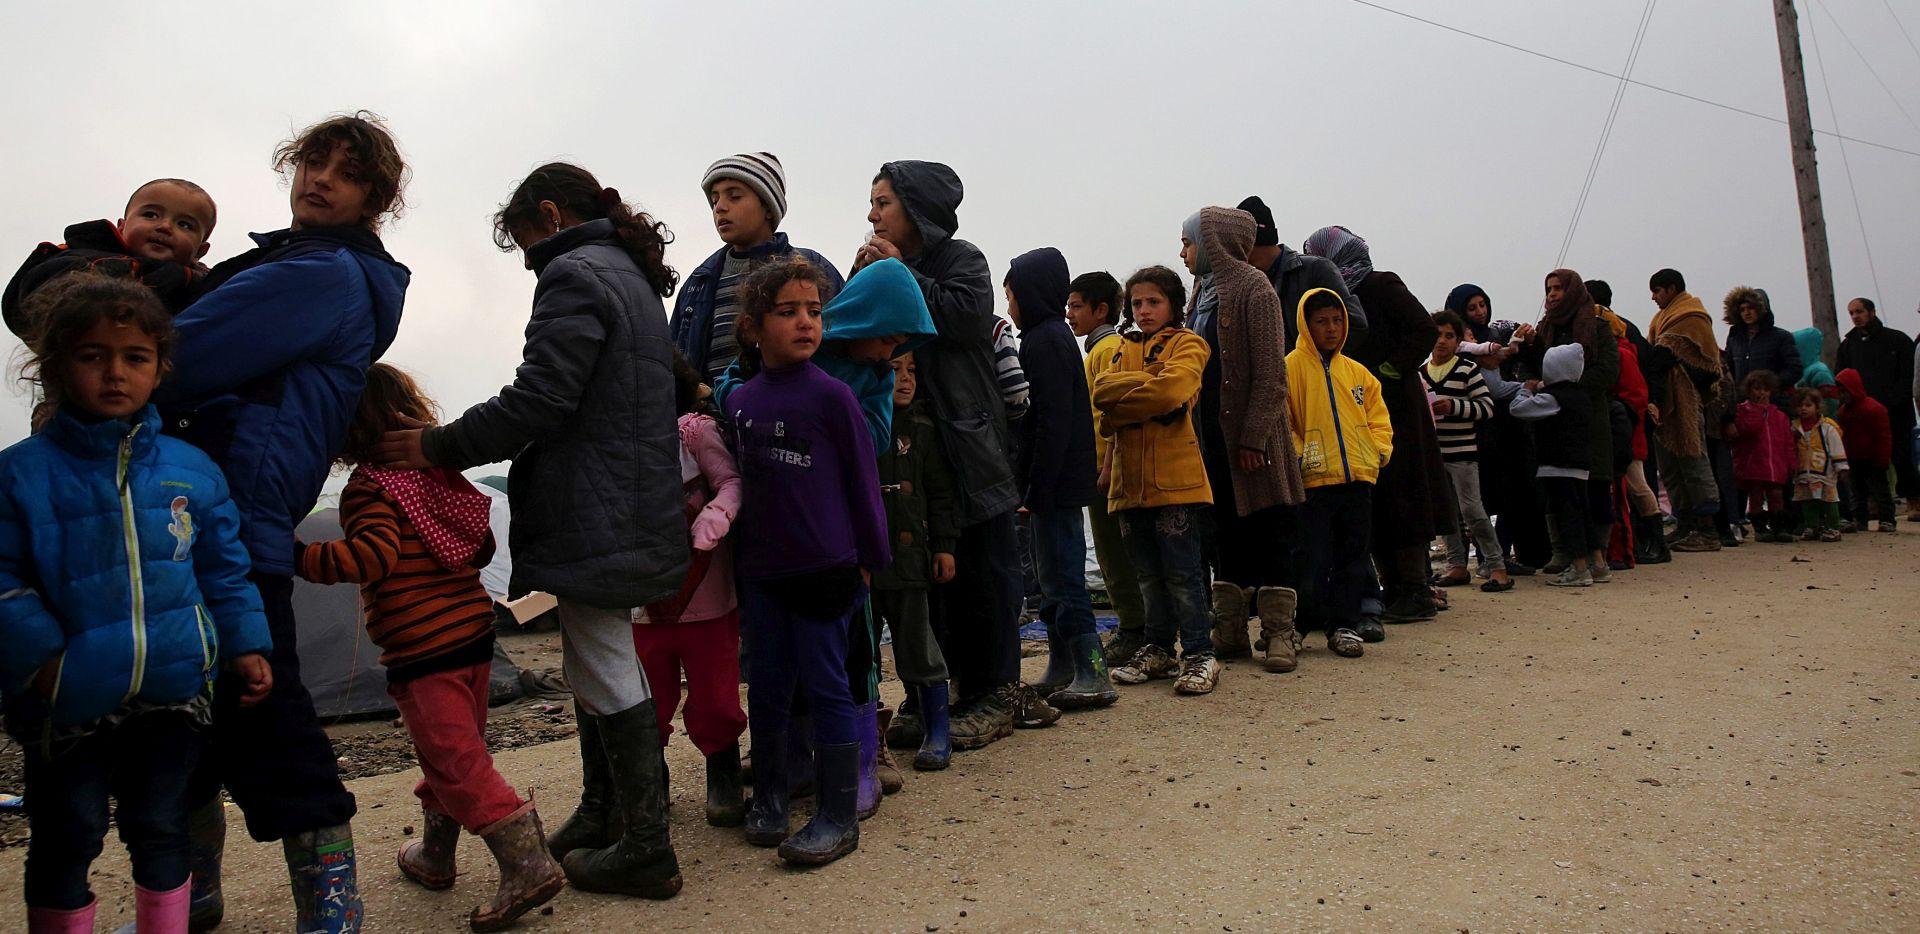 Kosovo: Među migrantima je i premijerov brat